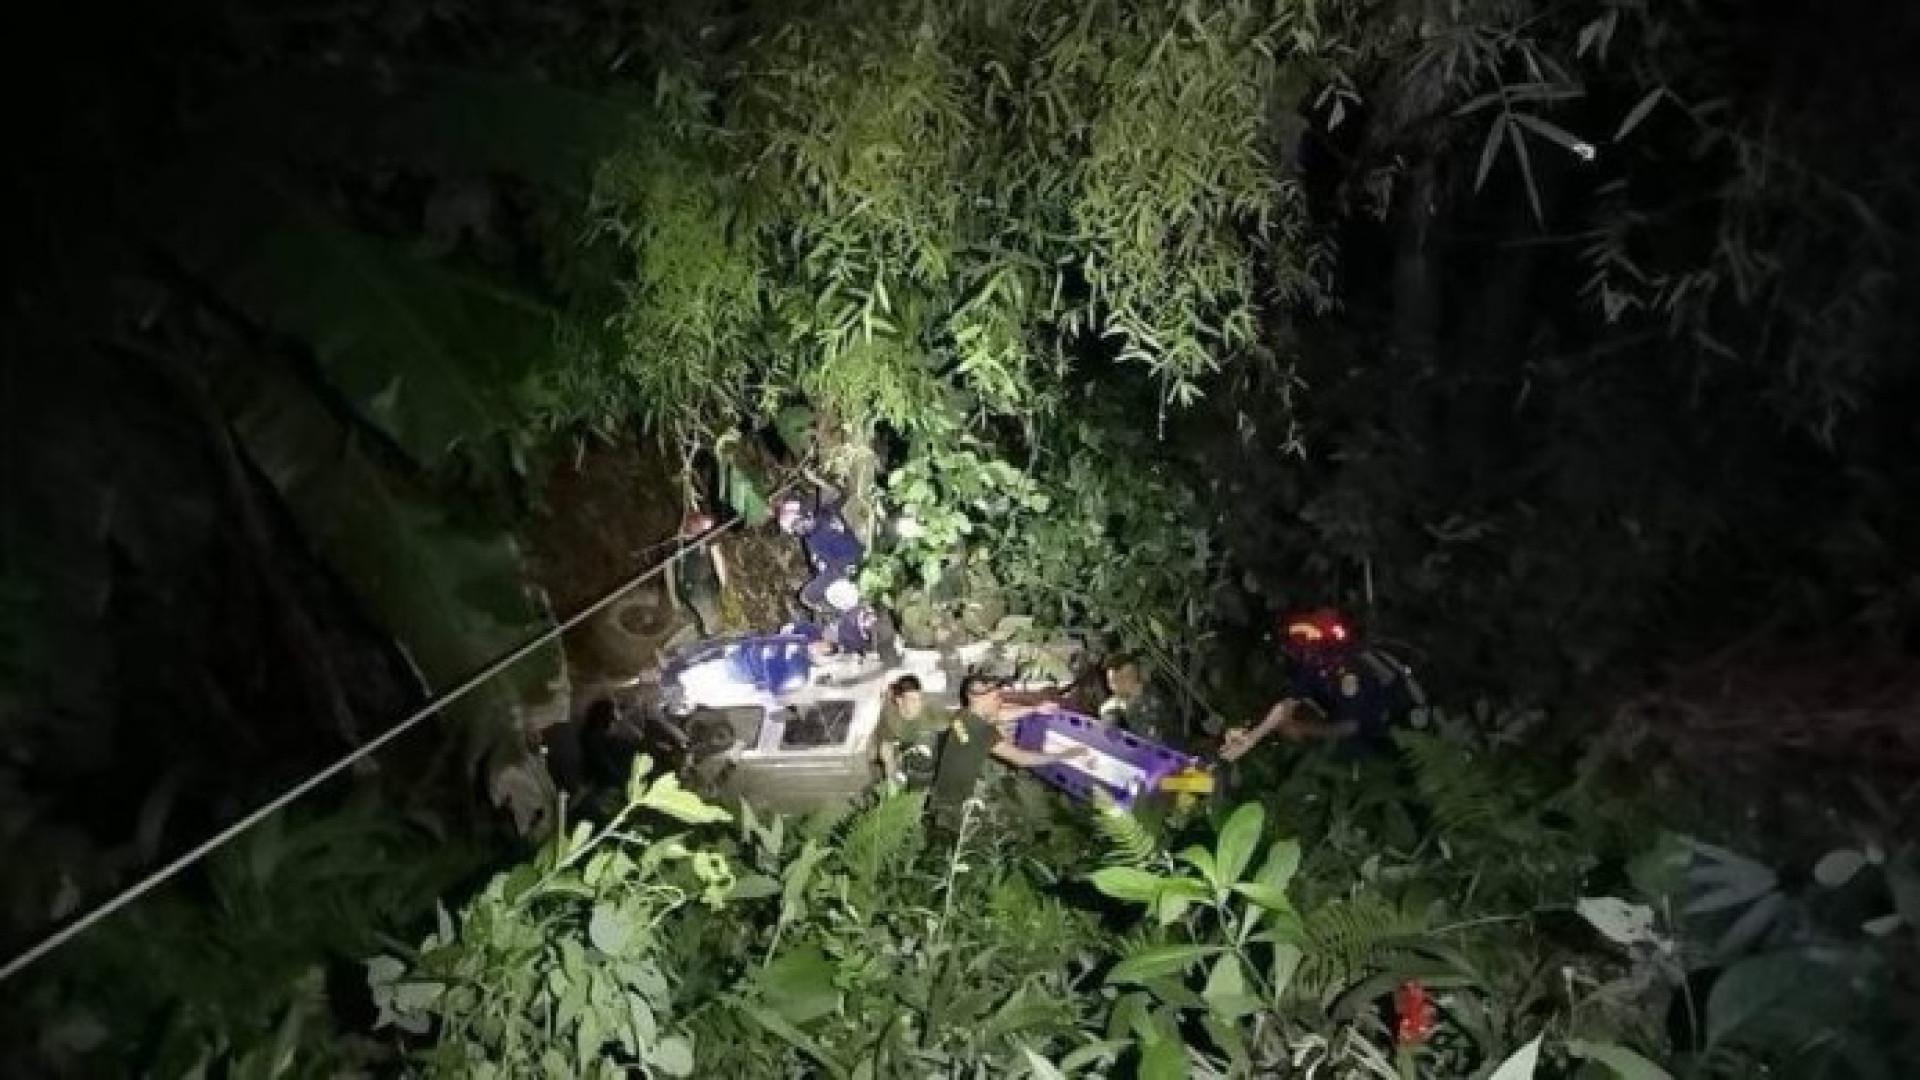 Acidente no exterior de gruta da Tailândia faz vários feridos